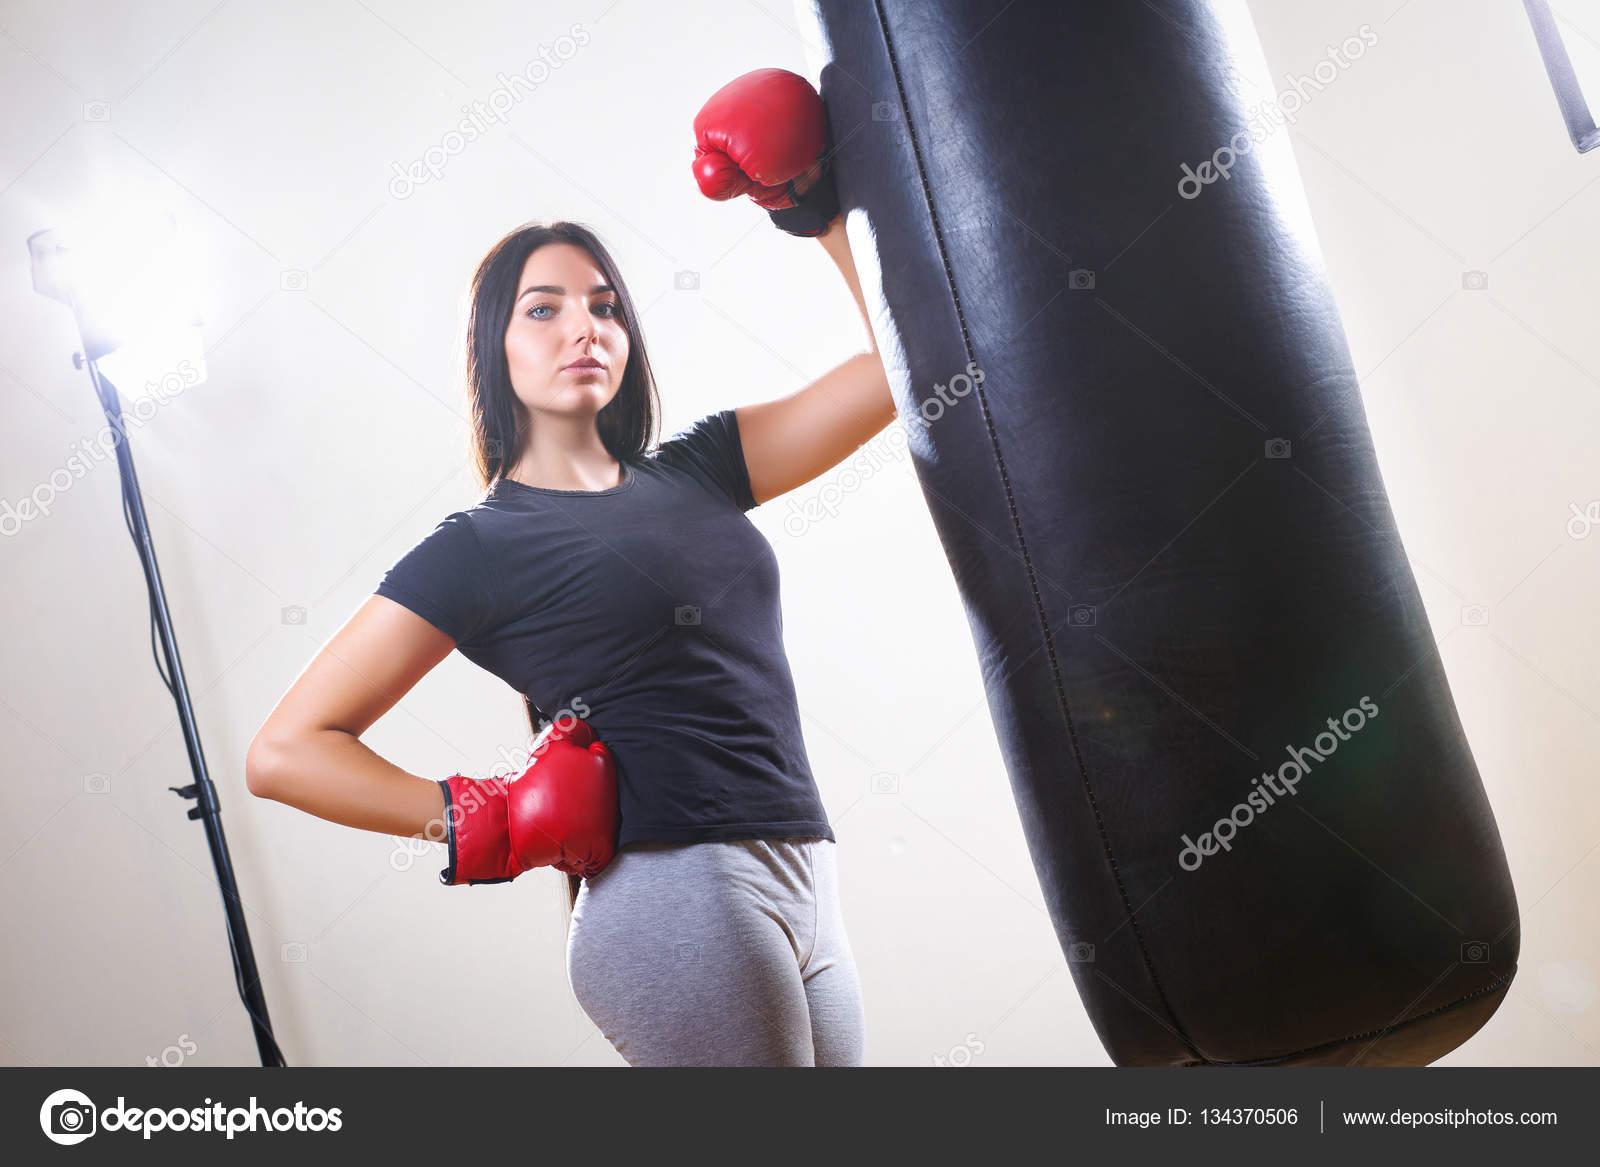 Sport flicka i boxning handskar och kroppen slagsäck — Stockfoto 28b1272f2b856